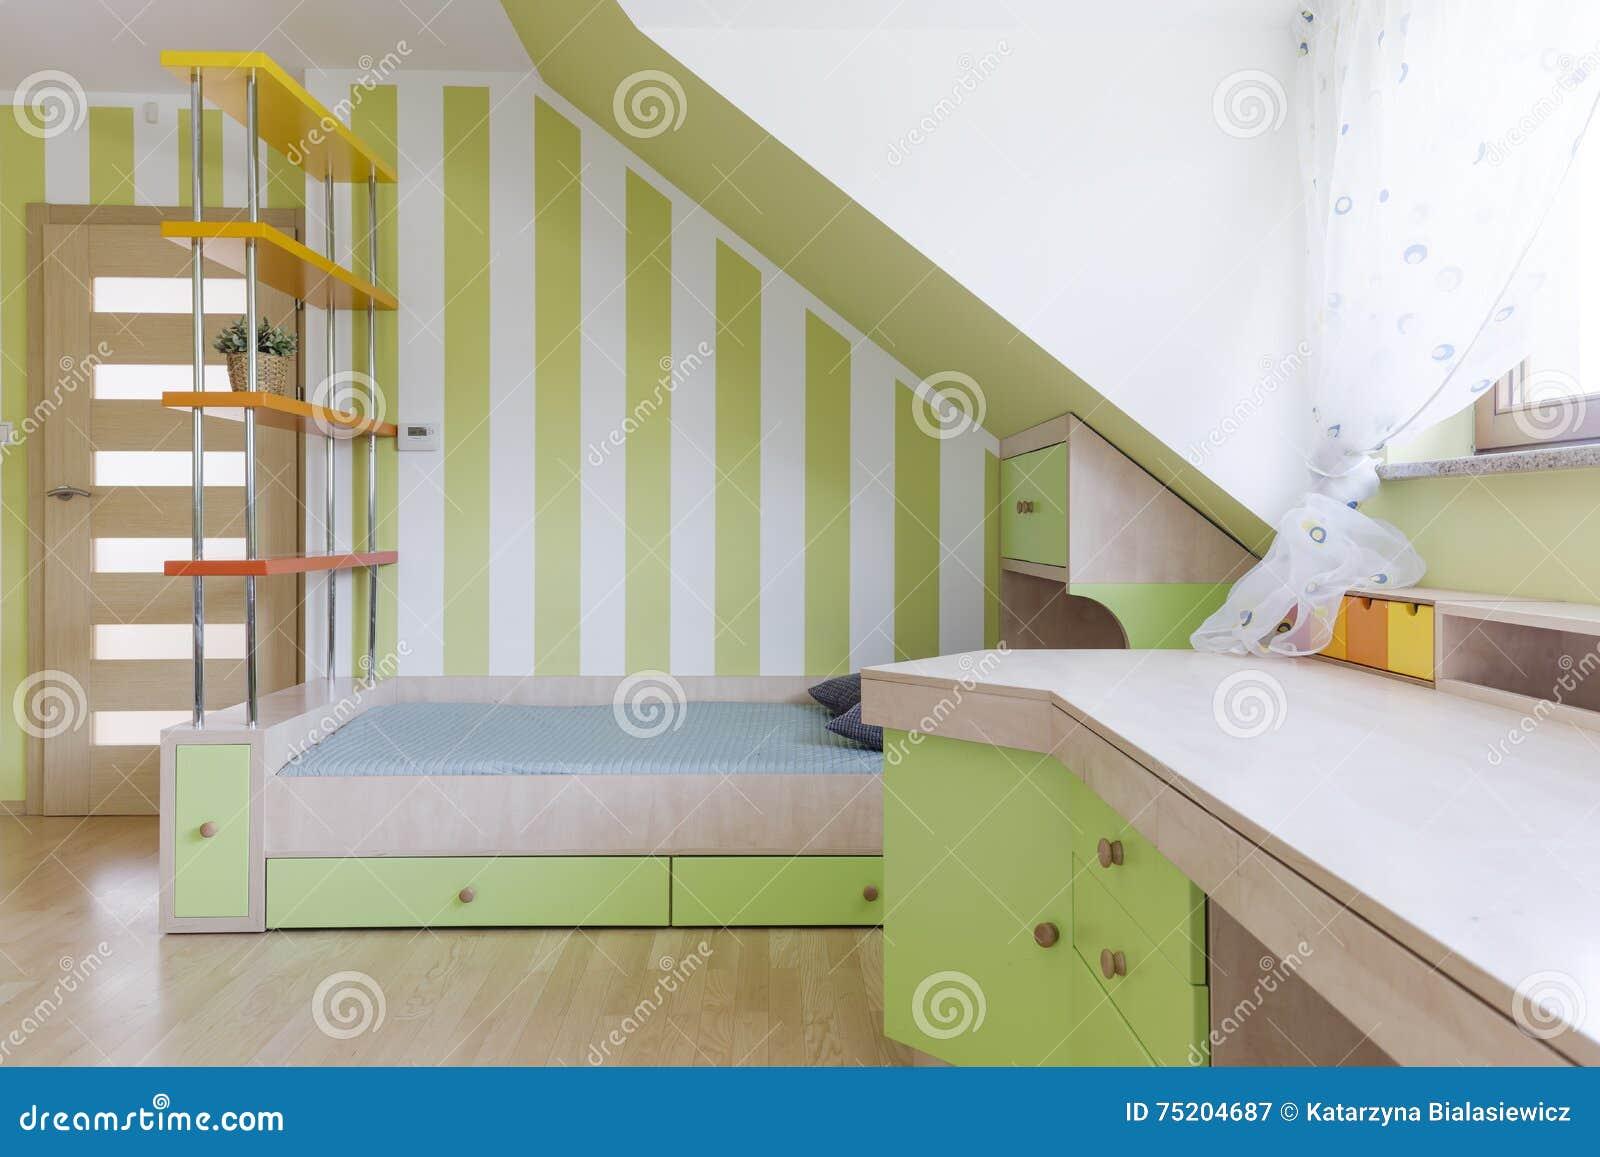 De slaapkamer van het kind en studieruimte gecombineerd idee stock